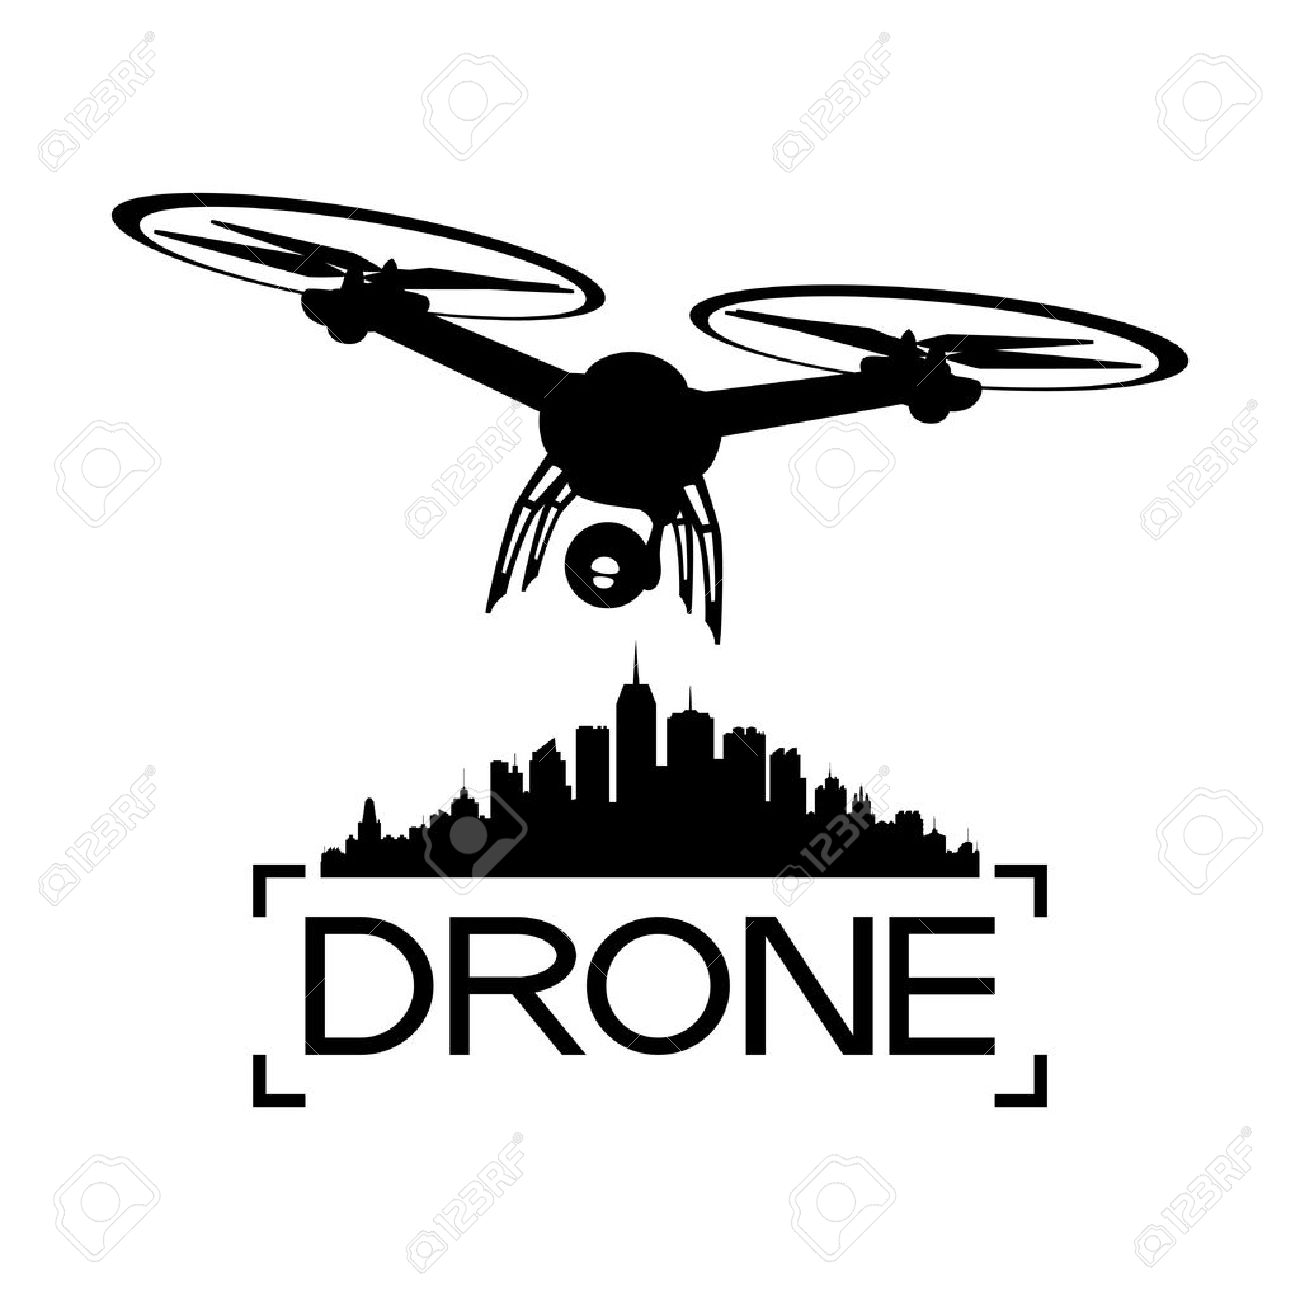 Drone. - 52181159